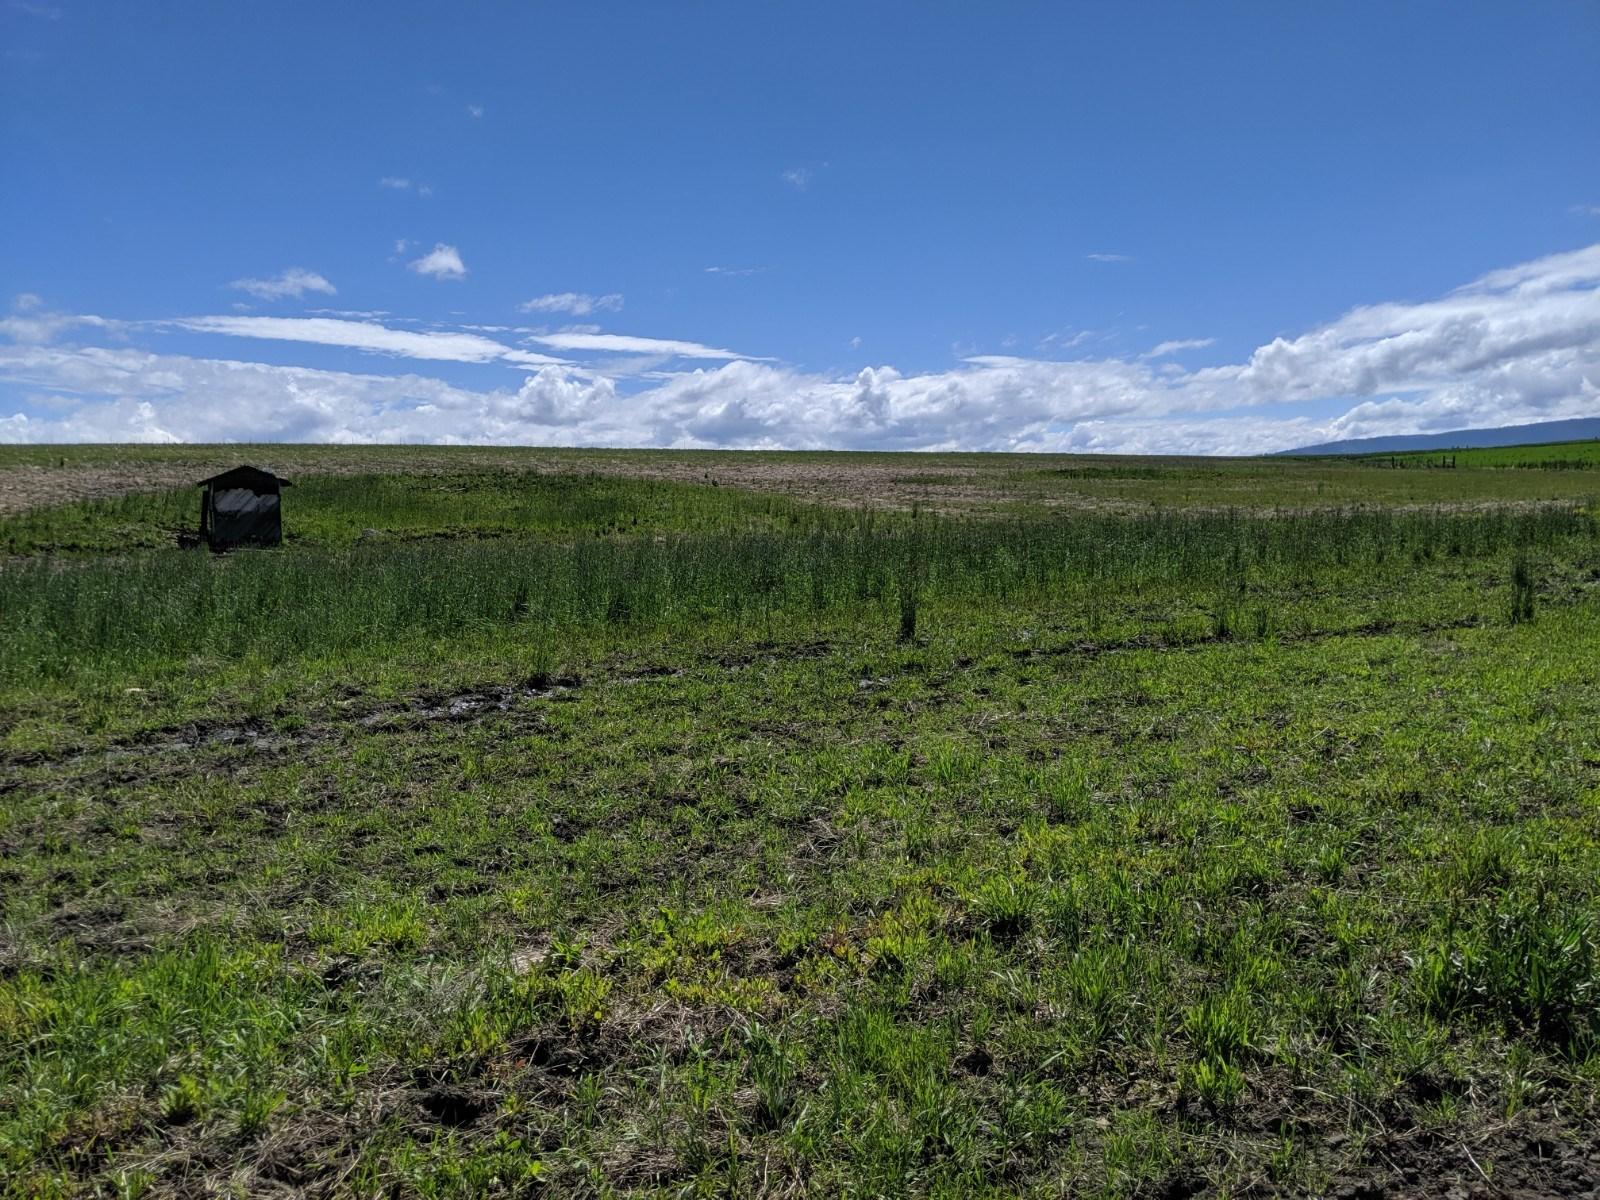 6 Acre Building lot for sale No CCR's Grangeville, Idaho